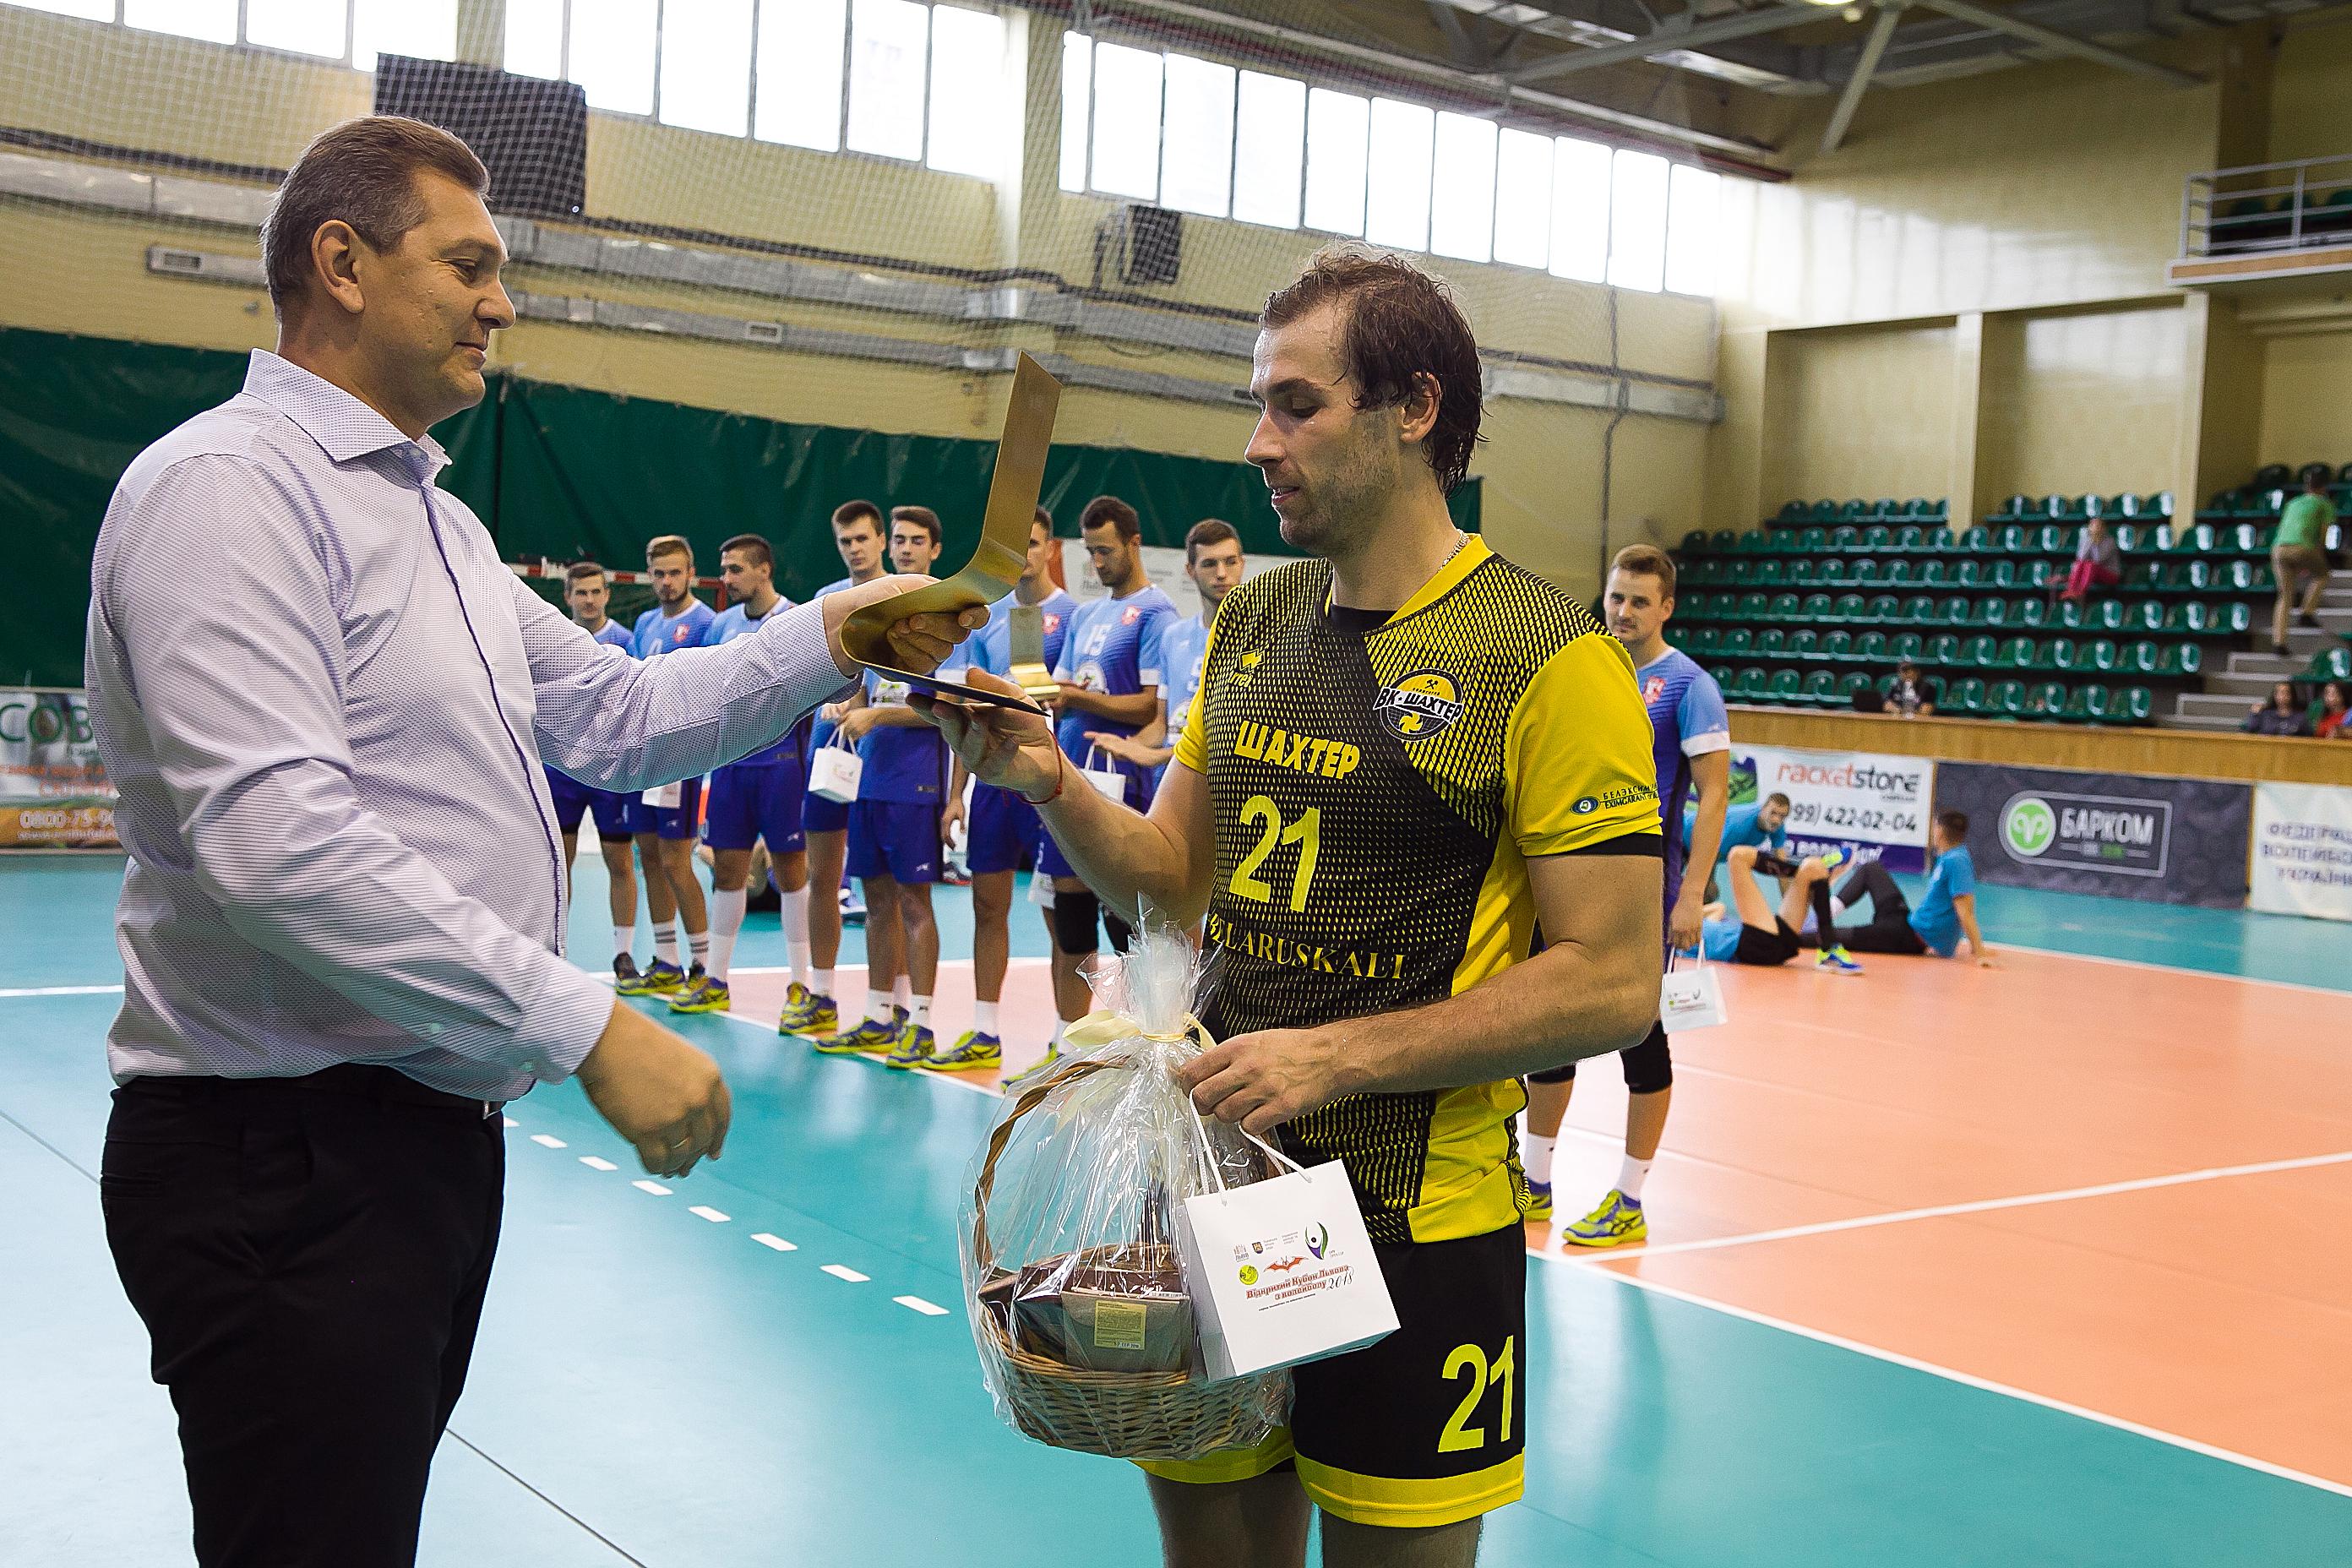 Відкритий Кубок Львова з волейболу 2018. ФОТОЗВІТ - 80